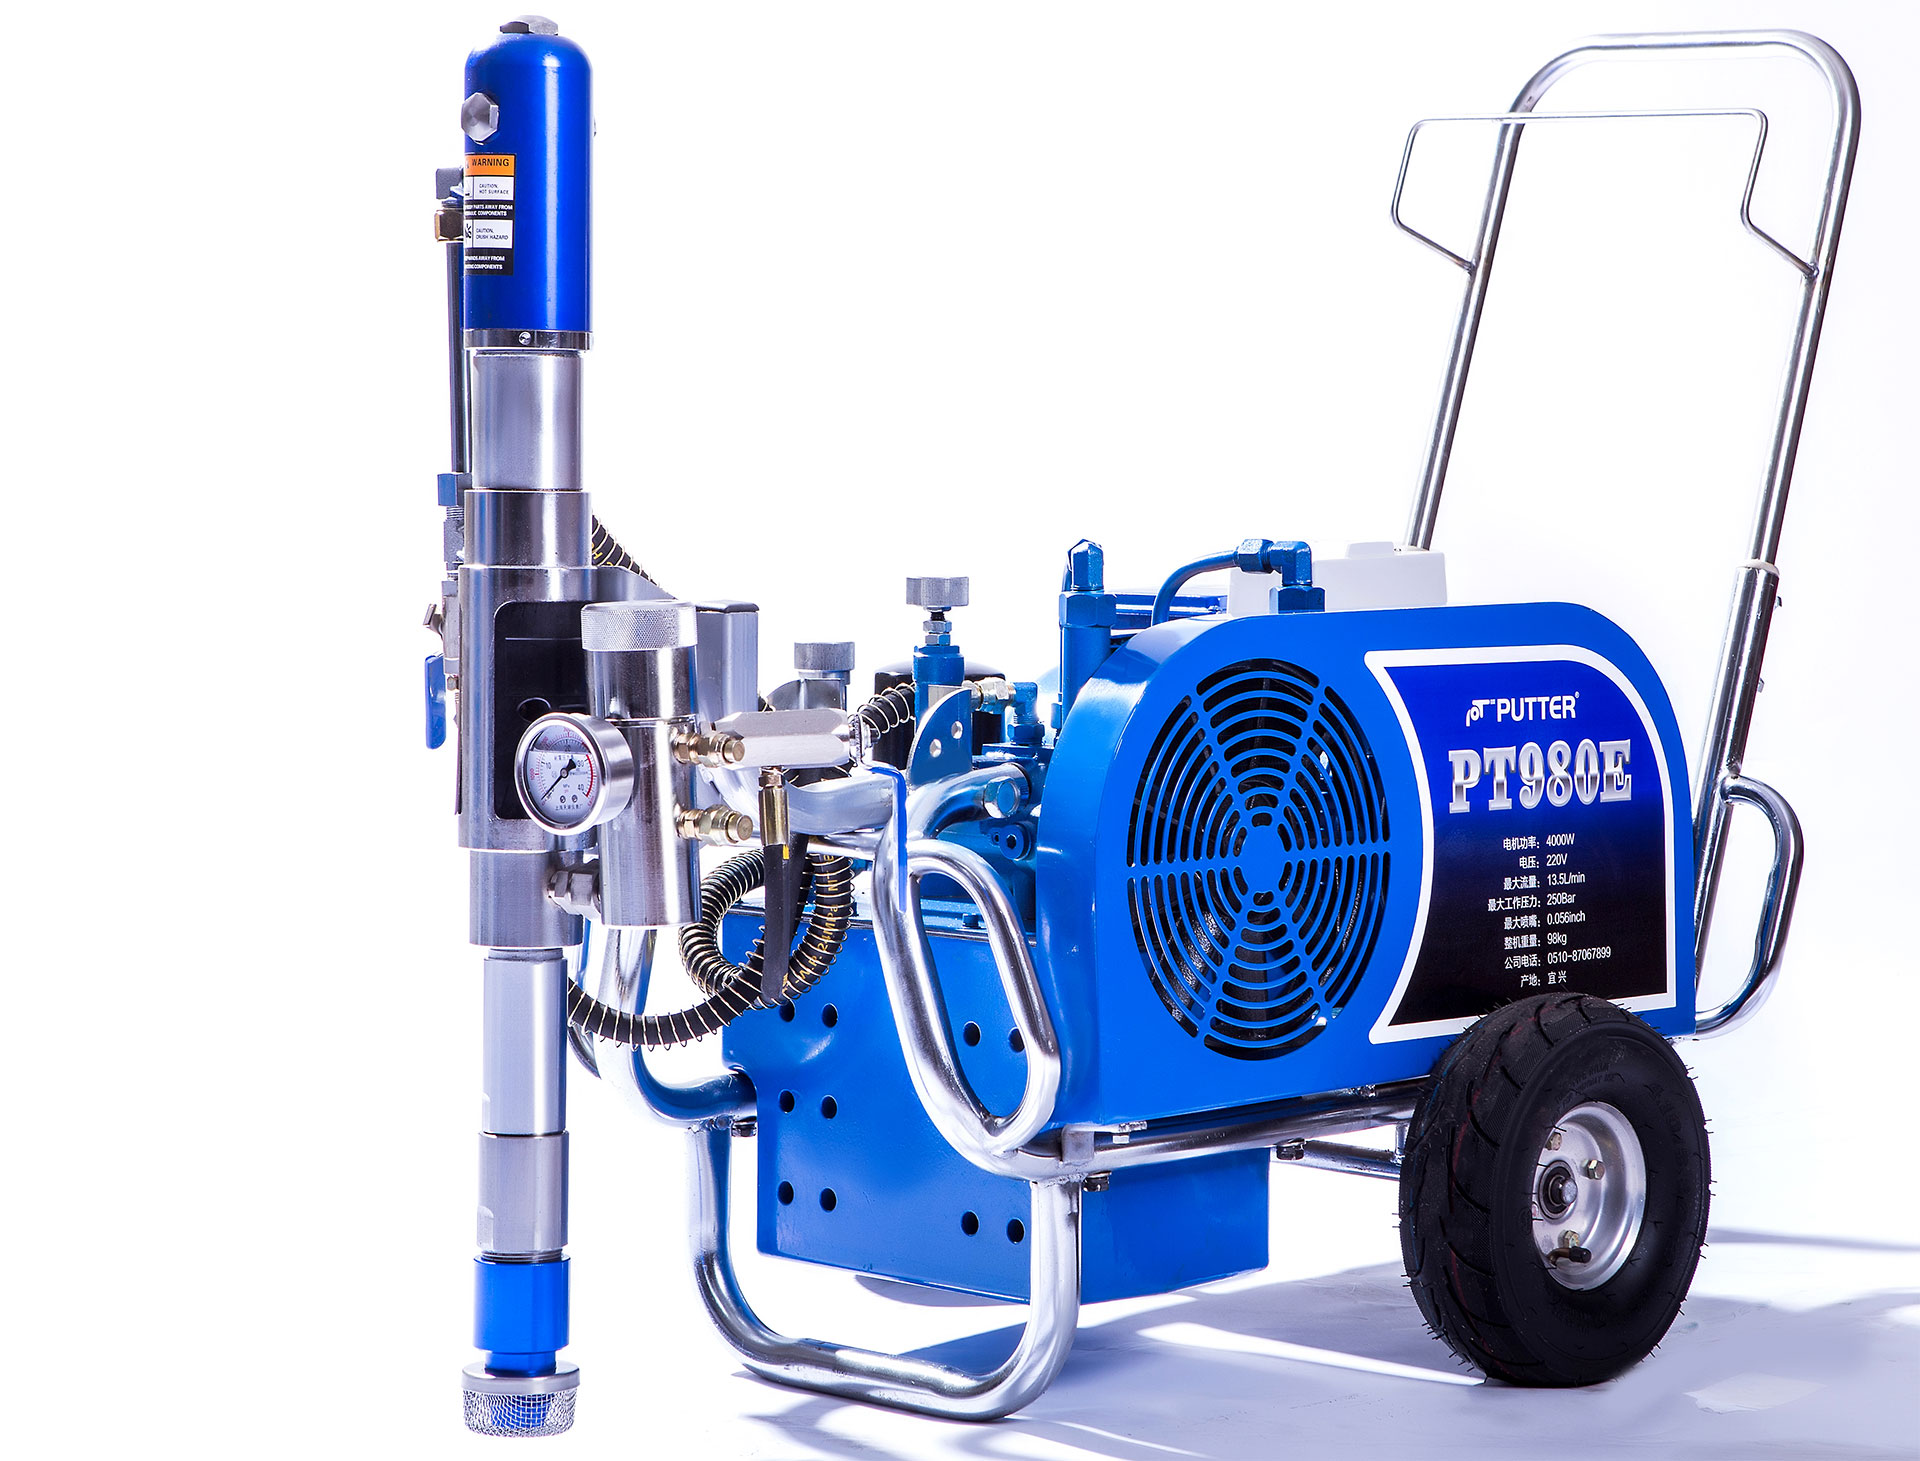 Máy phun sơn đa năng AHP-980E Blue